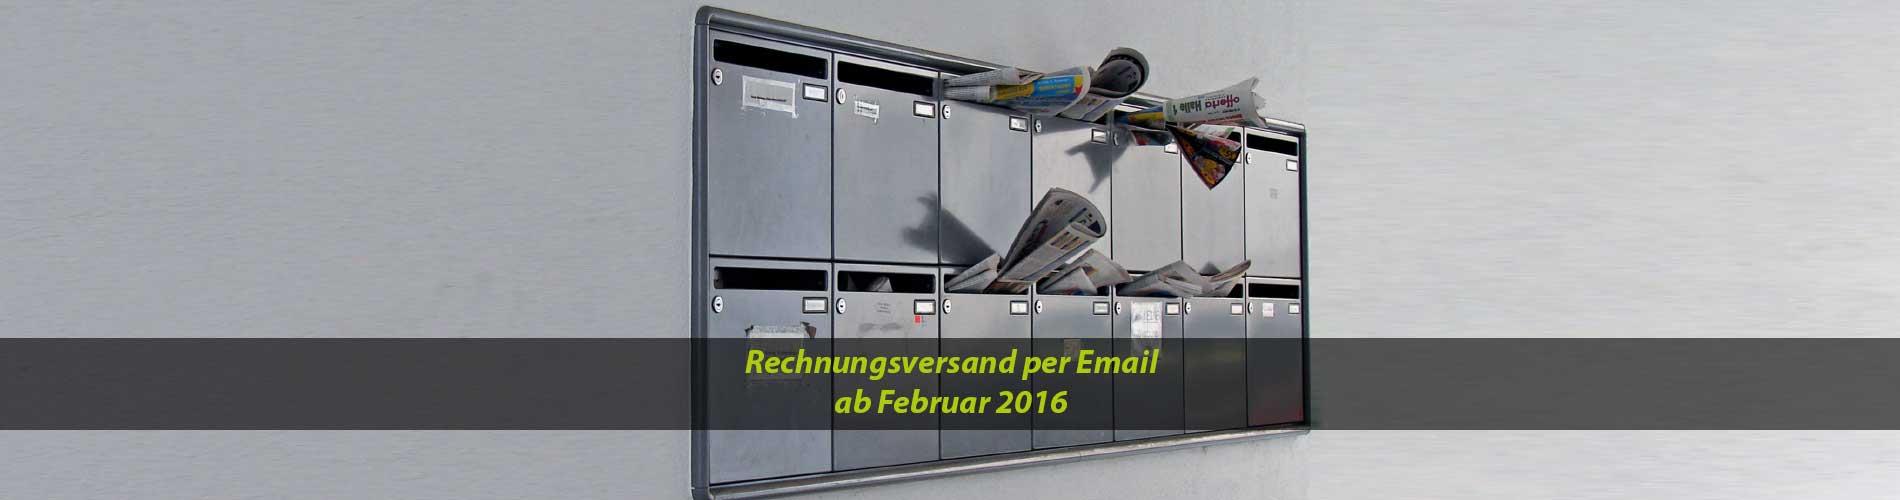 Rechnungsversand per Email